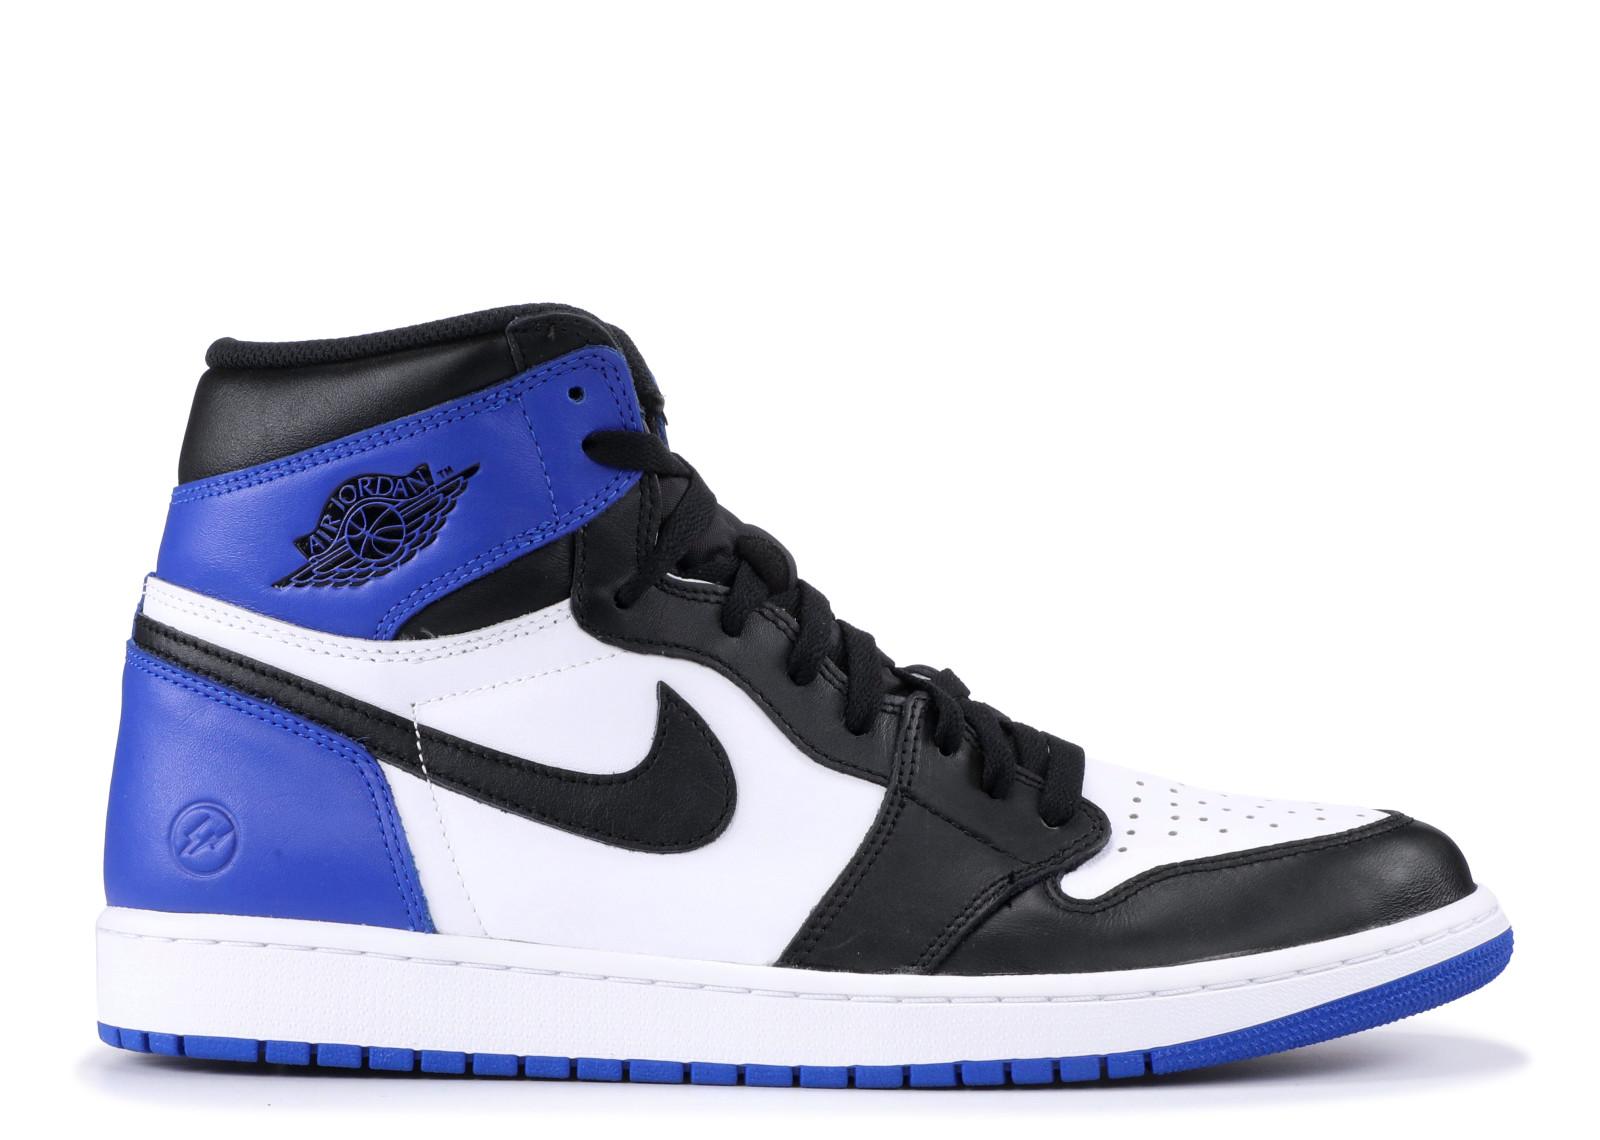 エアー ジョーダン メンズ 男性用 メンズ靴 スニーカー 靴 【 AIR JORDAN 1 X FRAGMENT BLACK SPORT ROYALWHITE 】